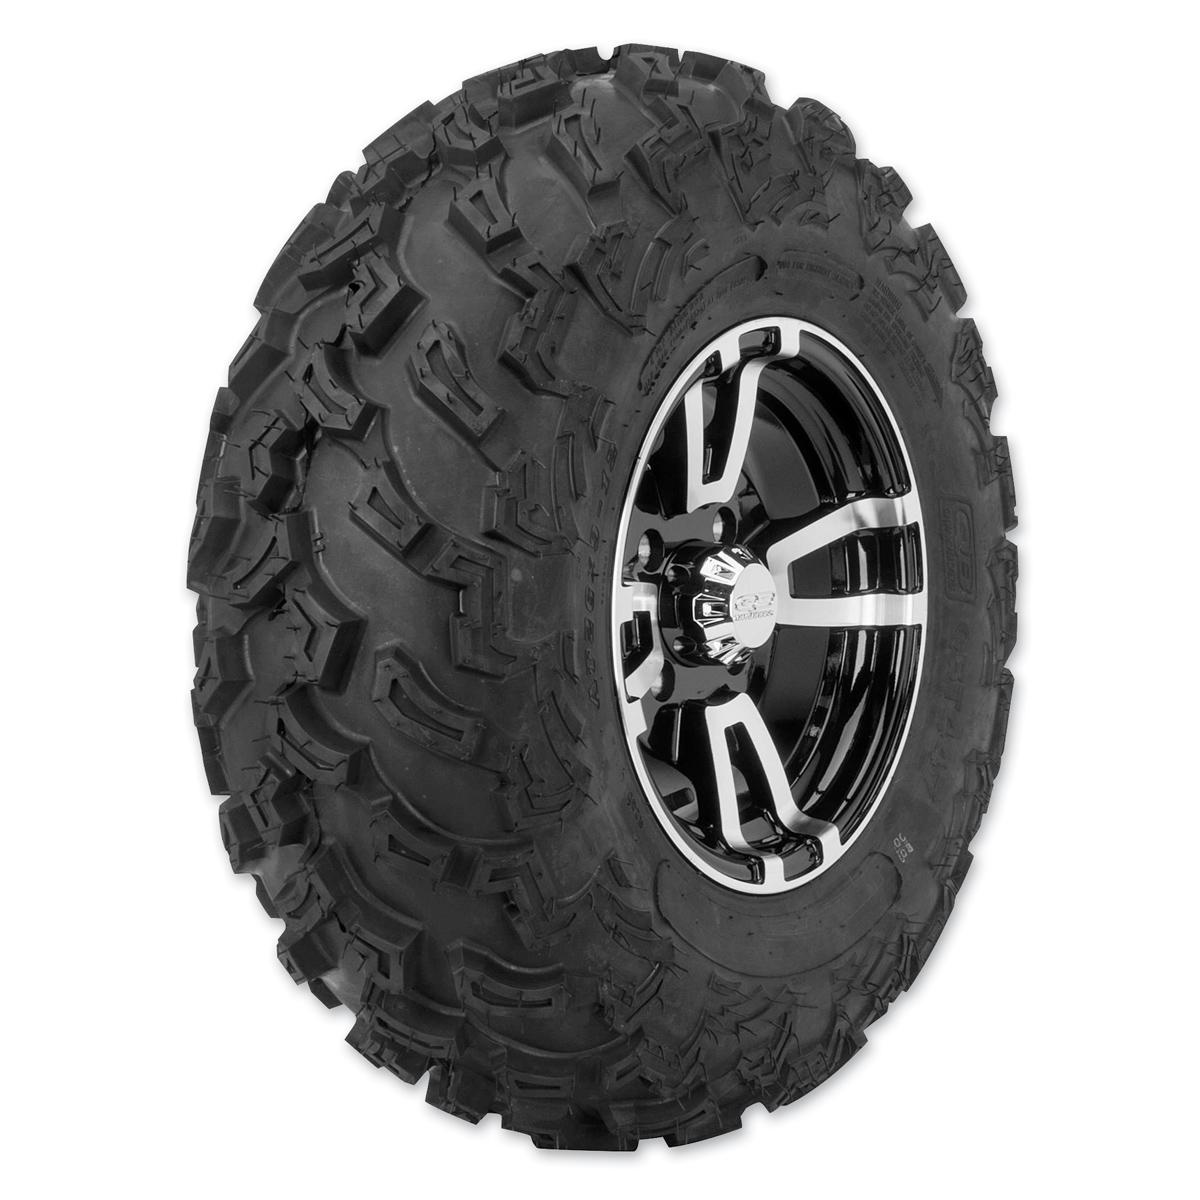 Quadboss QBT447 26X9-12 6-Ply Front Tire